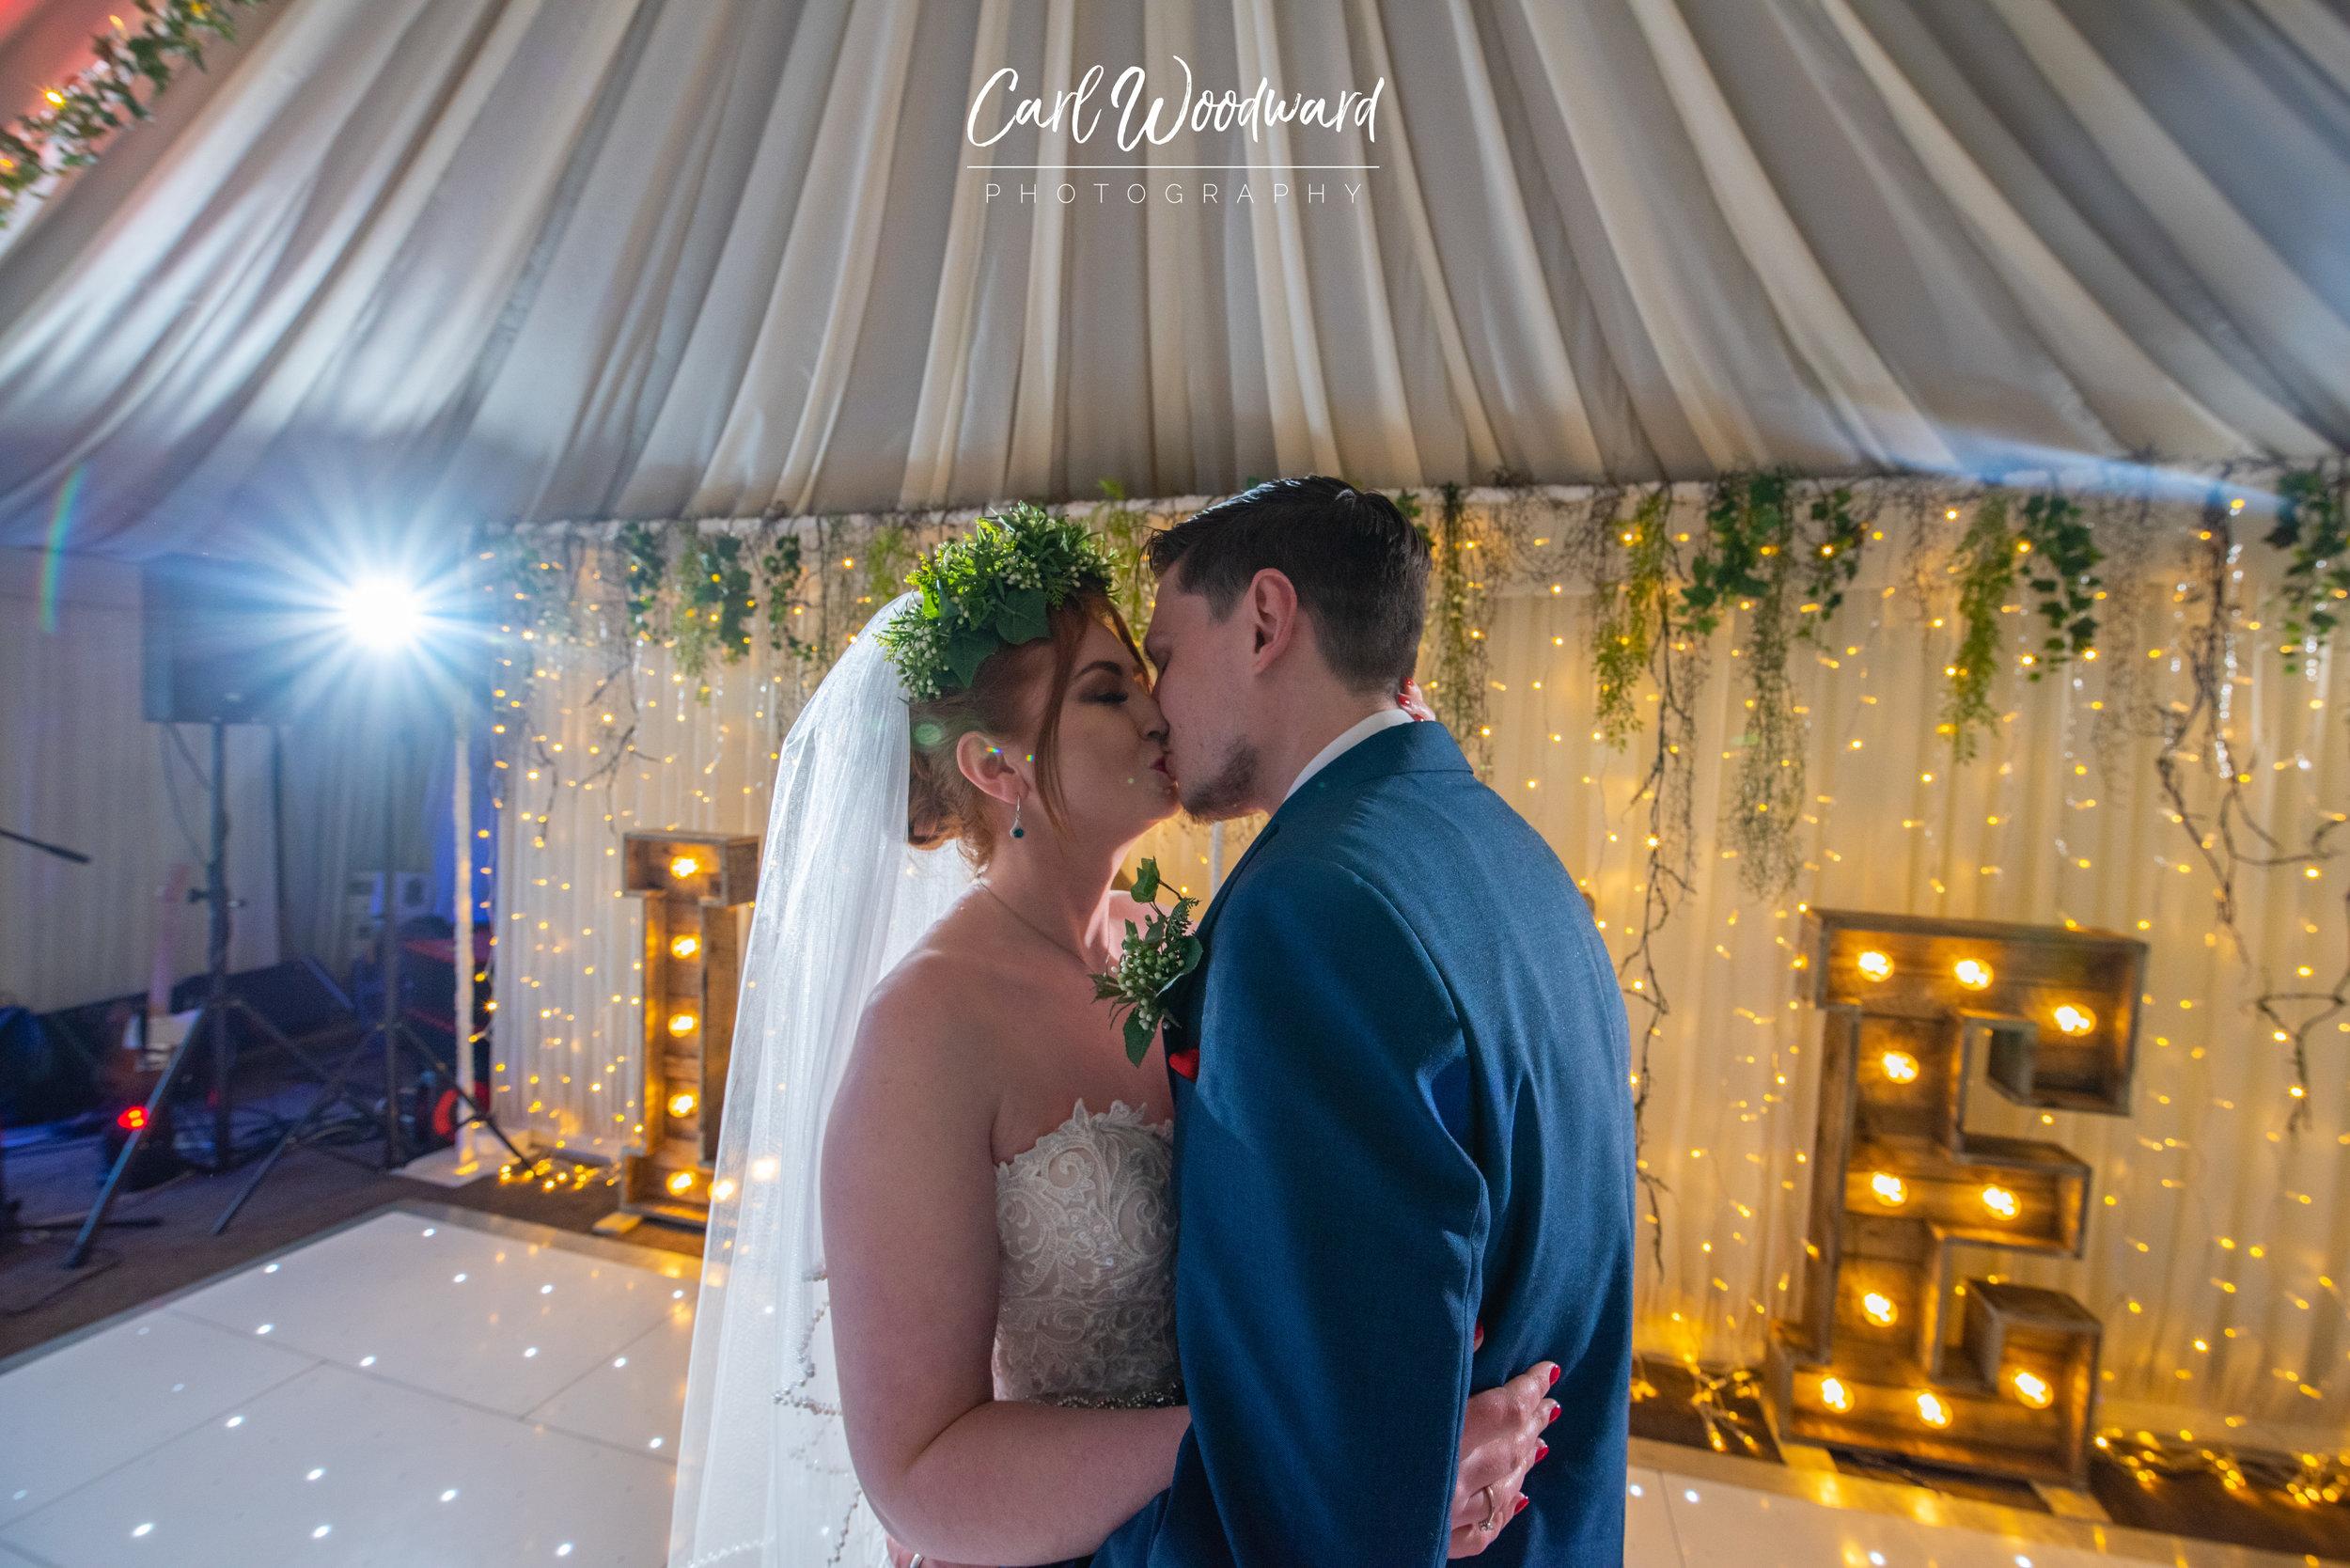 019-Oxwich-Bay-Hotel-Weddings-Cardiff-Wedding-Photography.jpg